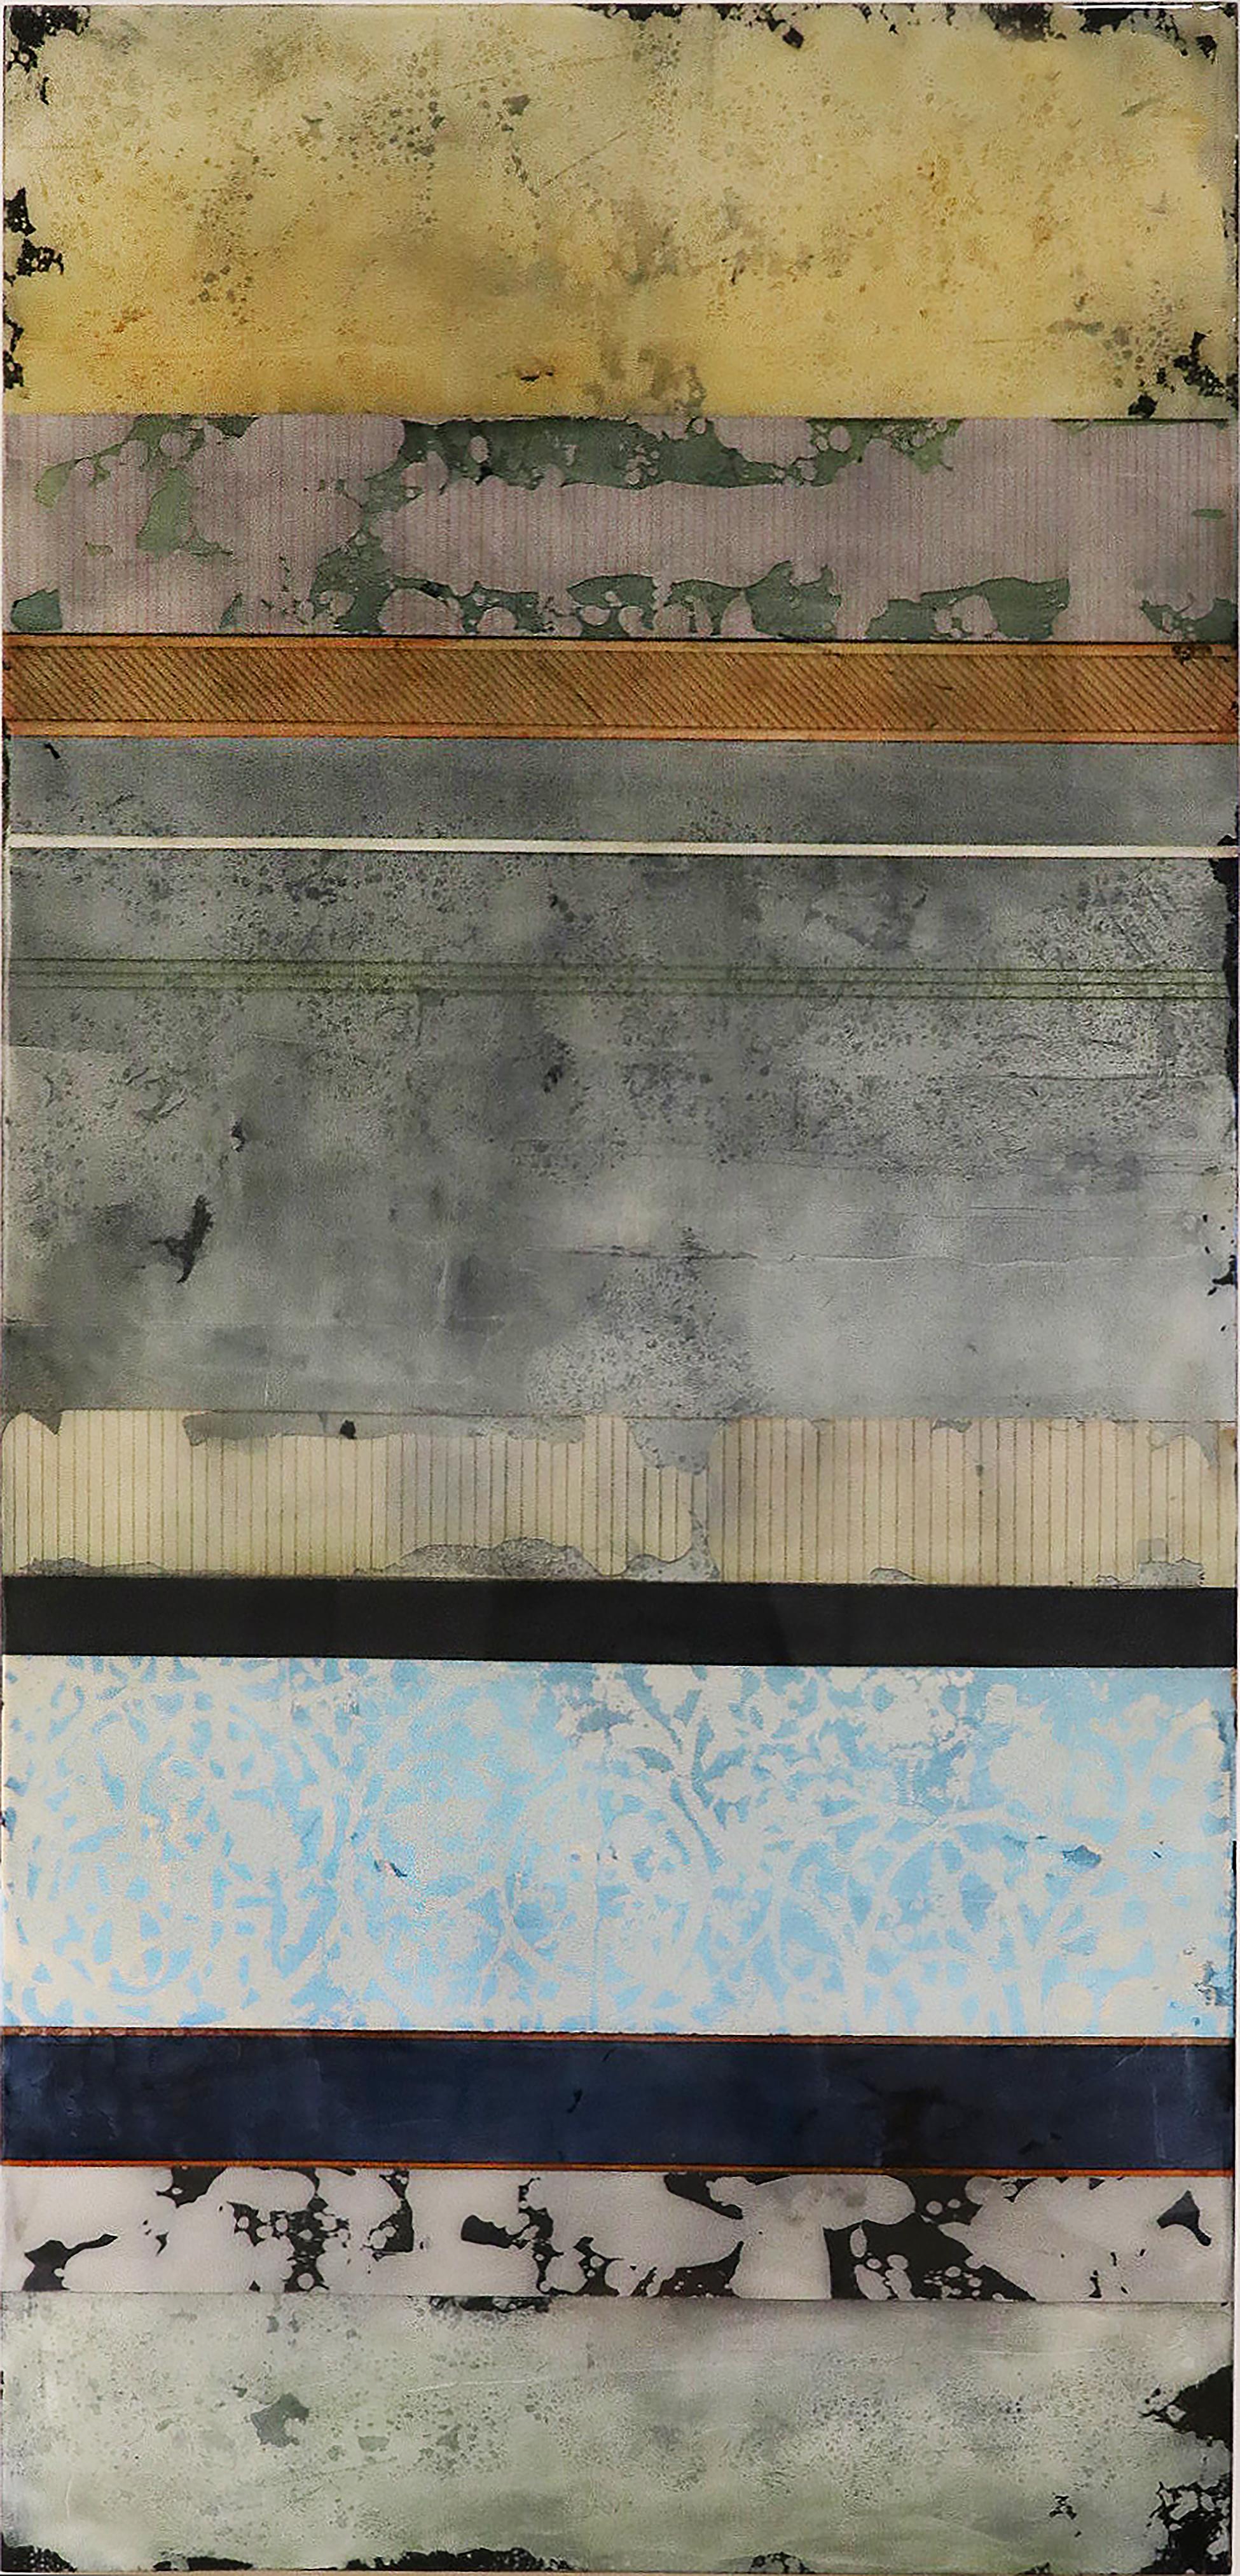 Glyph by Ken Sloan